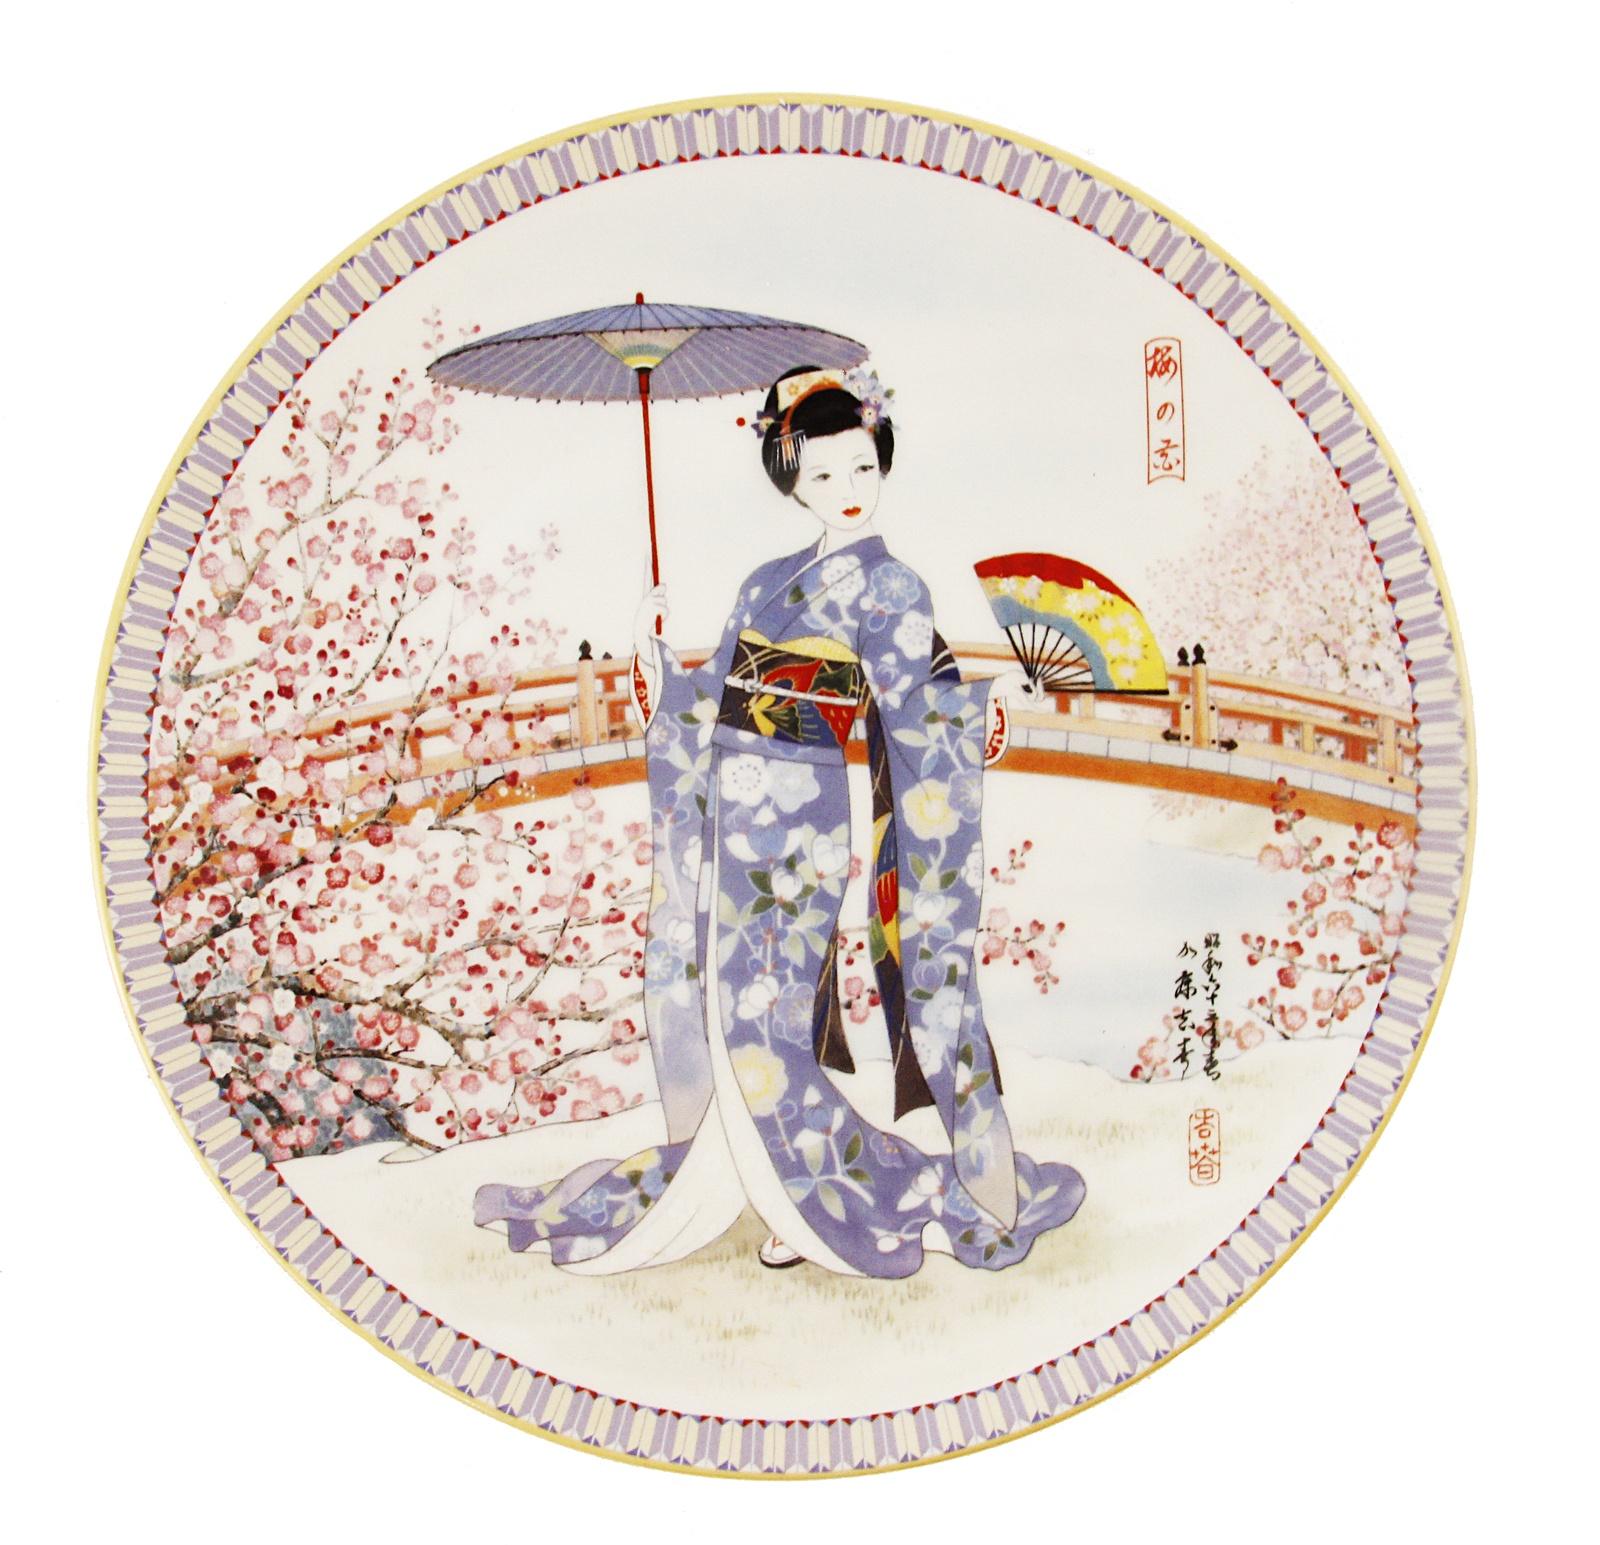 Девушка с зонтом, декоративная тарелка. Фарфор, роспись. Япония, конец XX века ваза noritake миниатюрная лебедь на озере фарфор роспись люстр япония середина 20 века